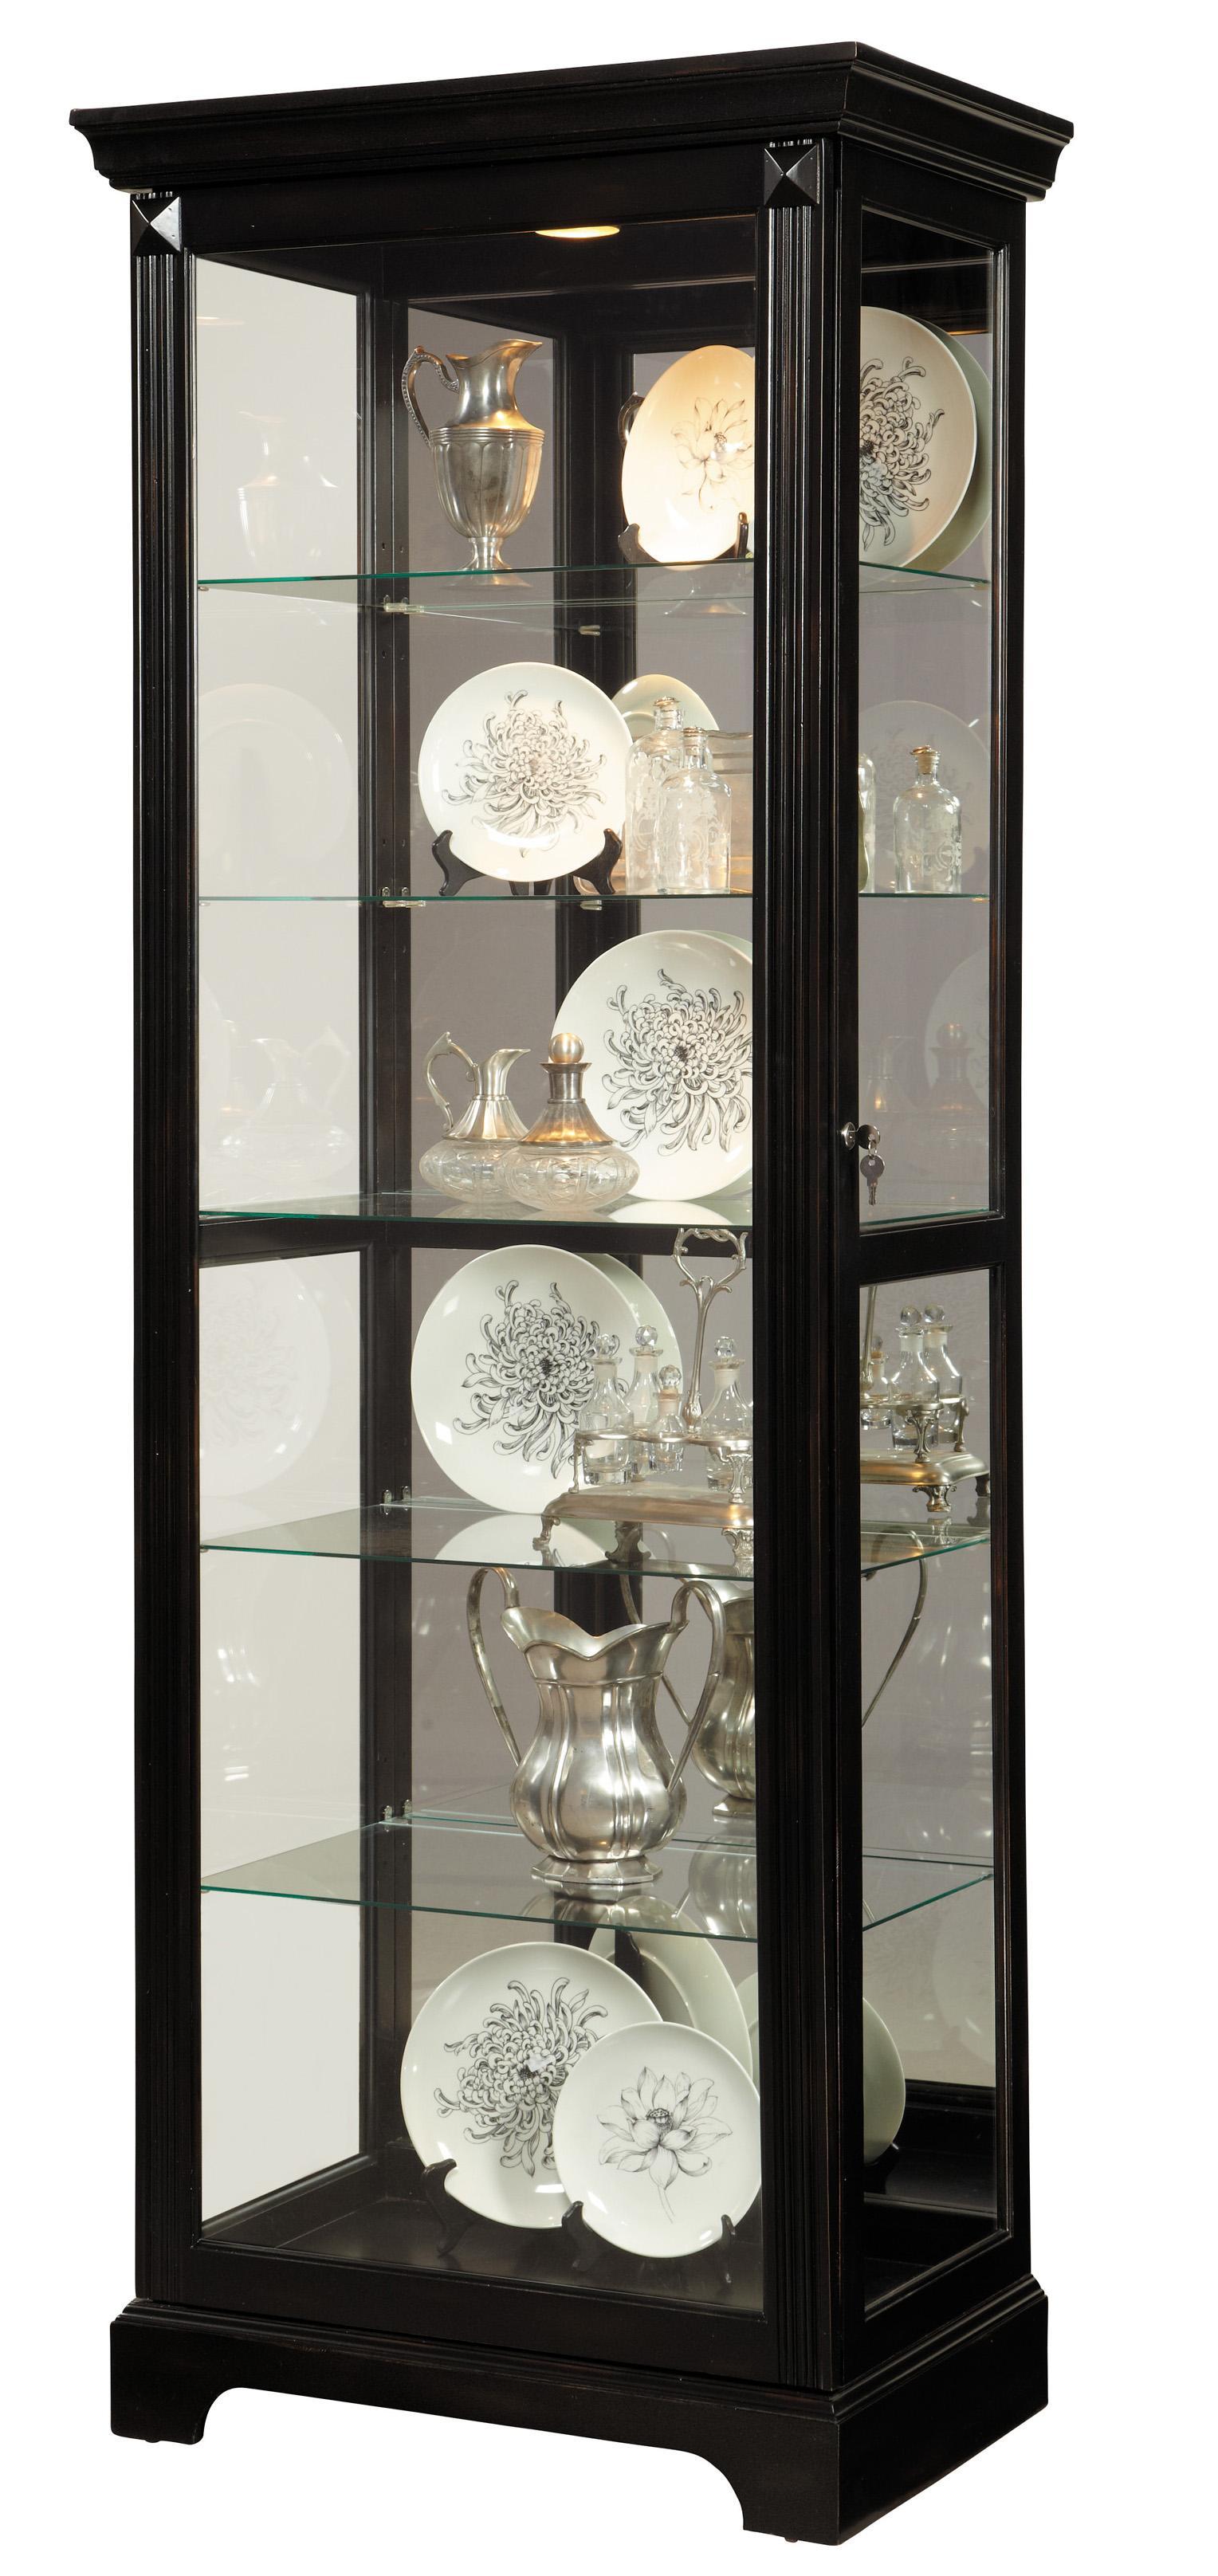 Curios Curio by Pulaski Furniture at Baer's Furniture